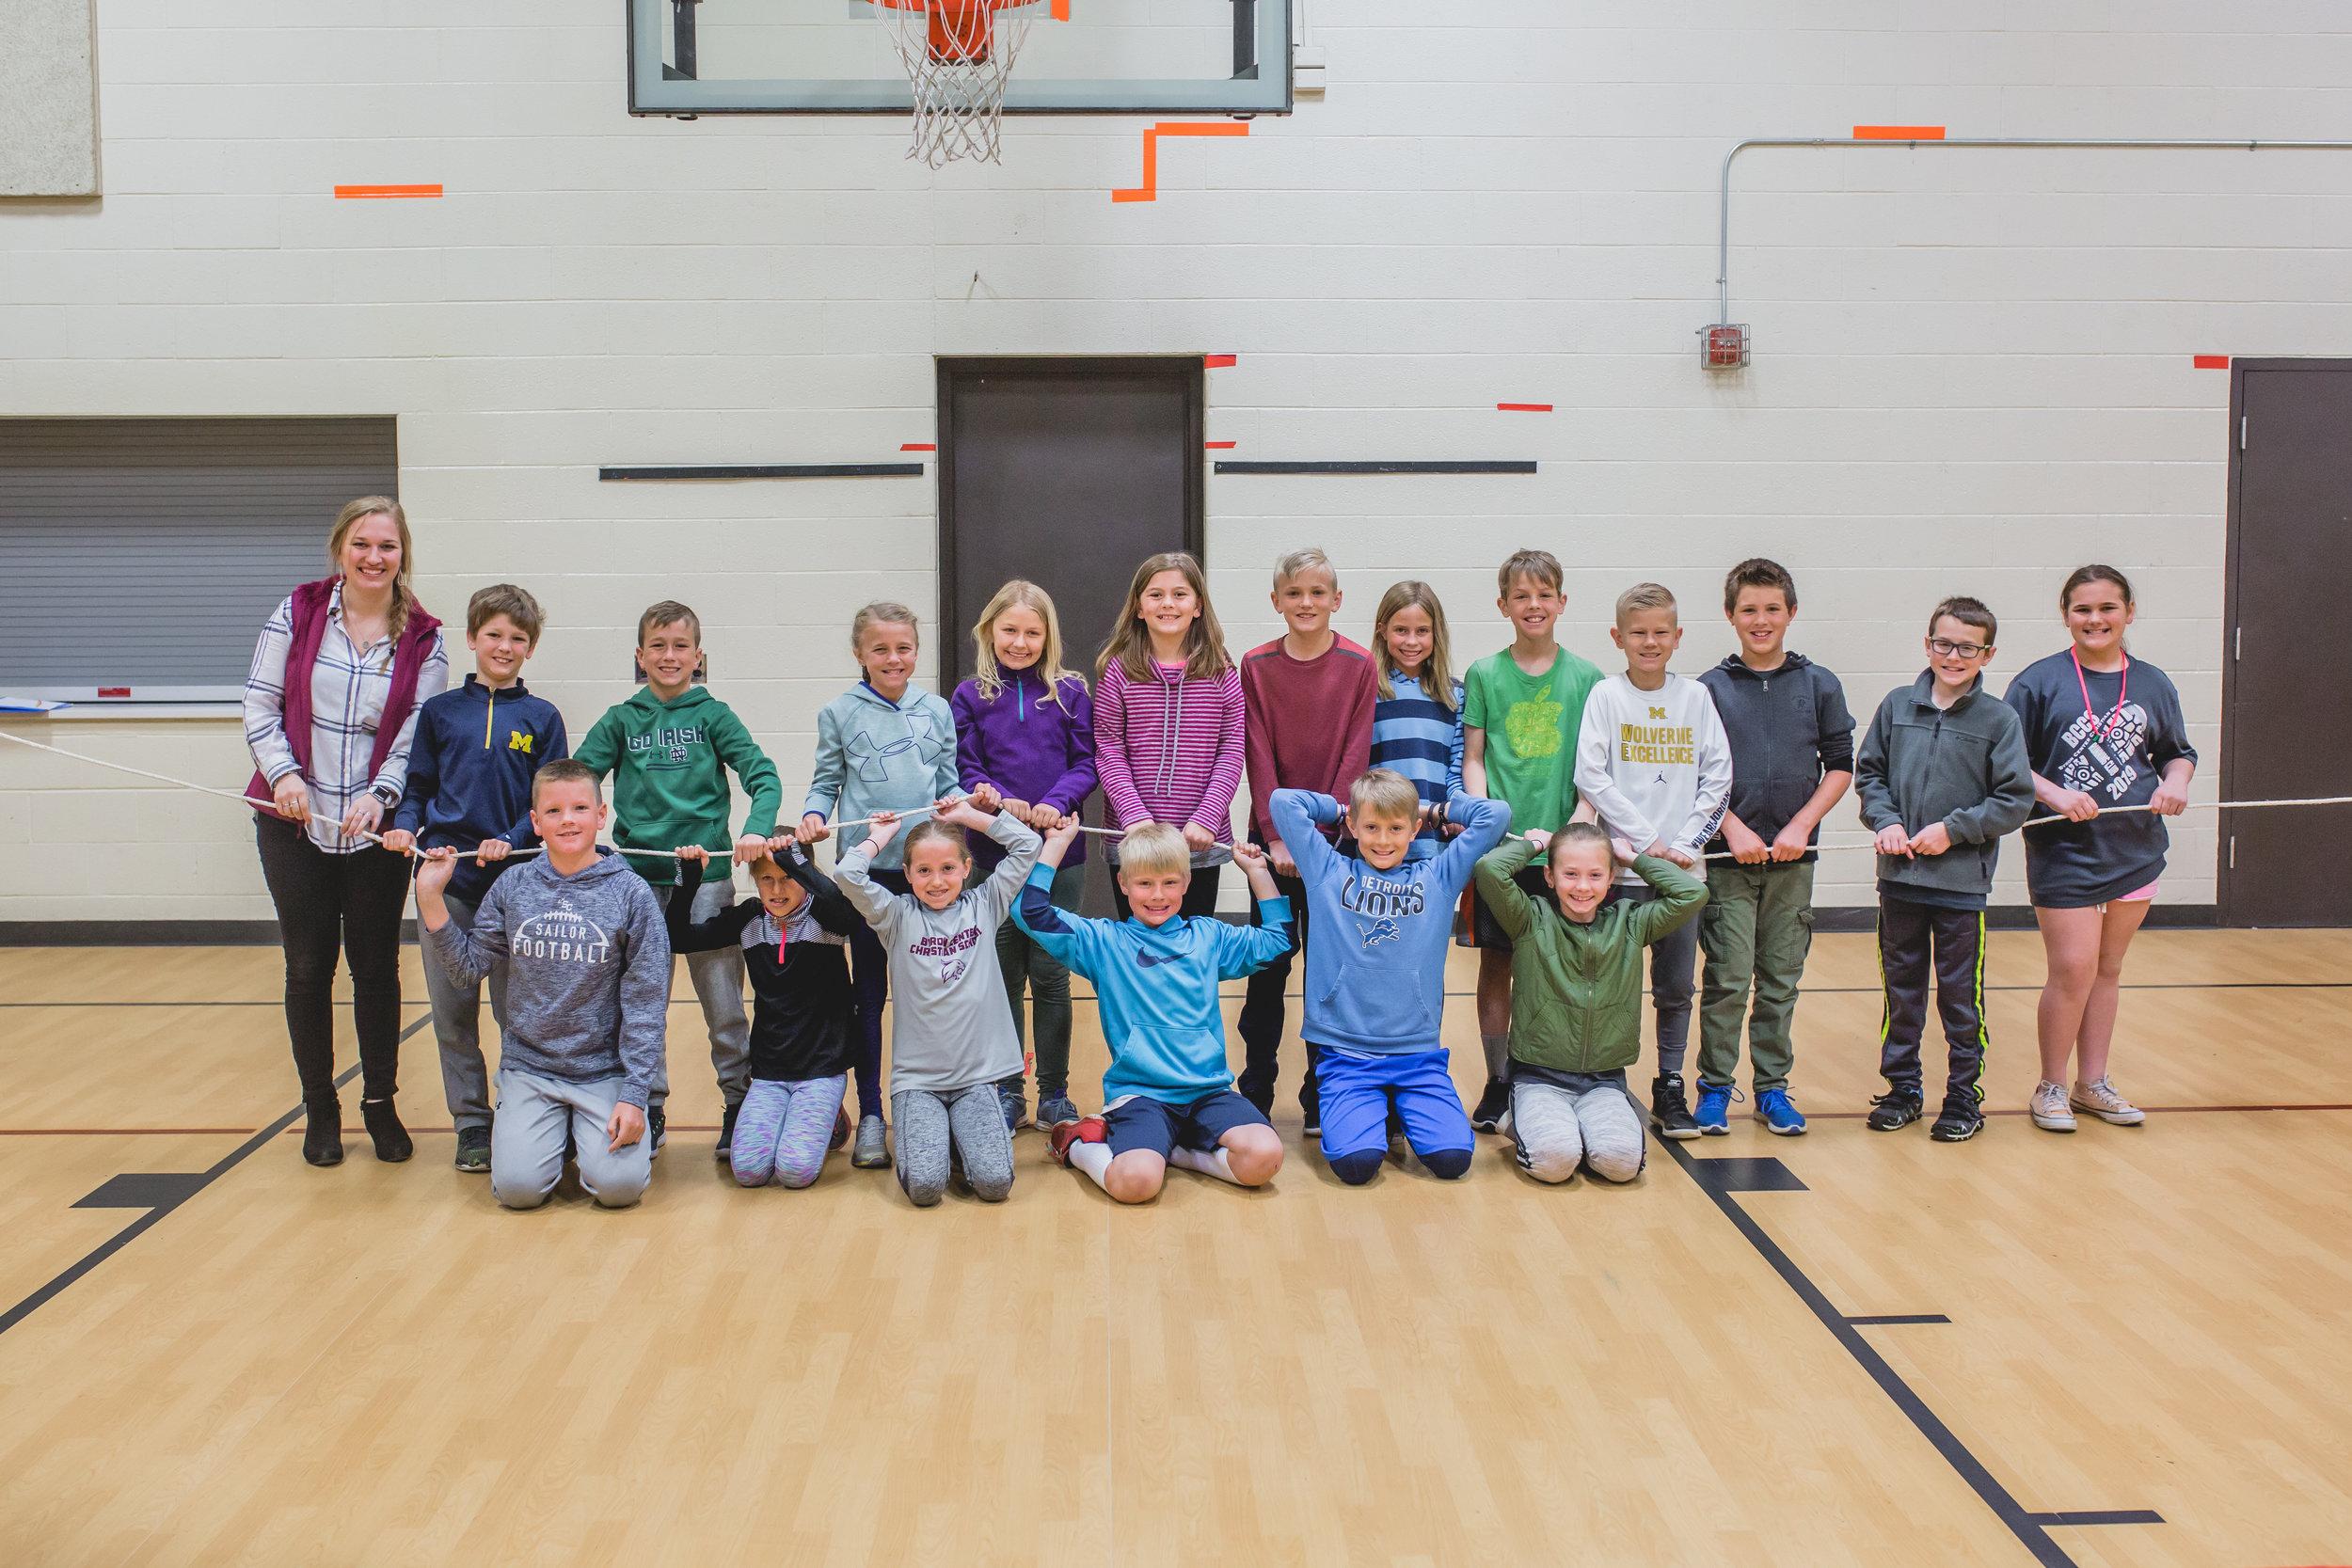 fourth grade private christian school